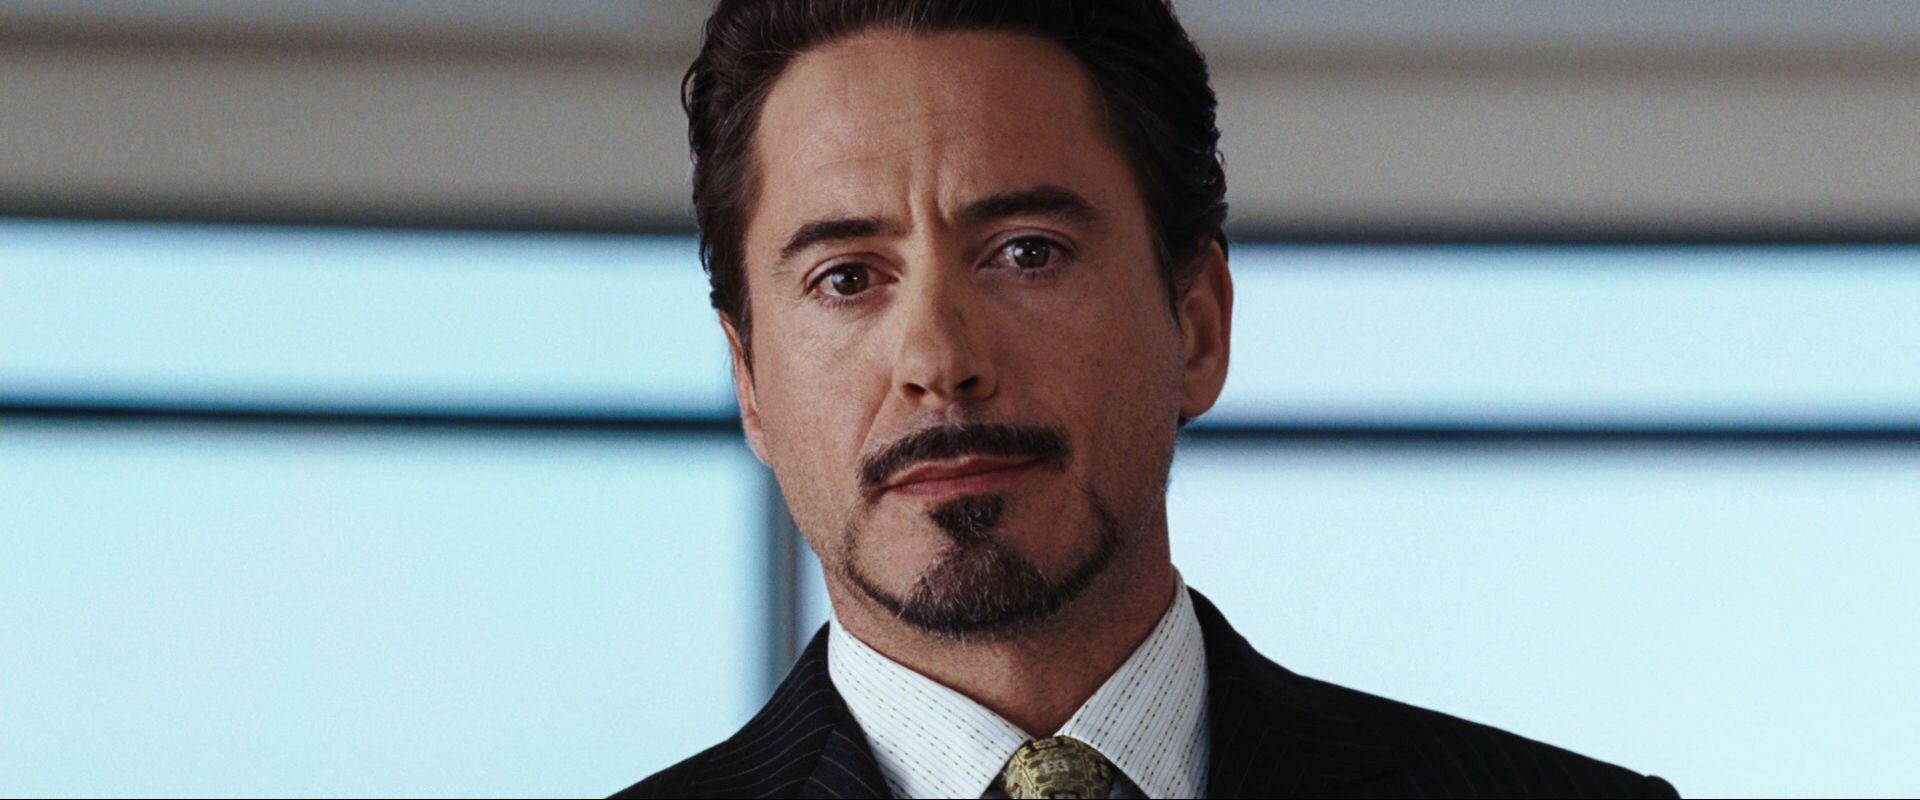 OSR: Iron Man Custom Tony Stark with hair implantation ...  |Tony Stark Iron Man 2 Hair